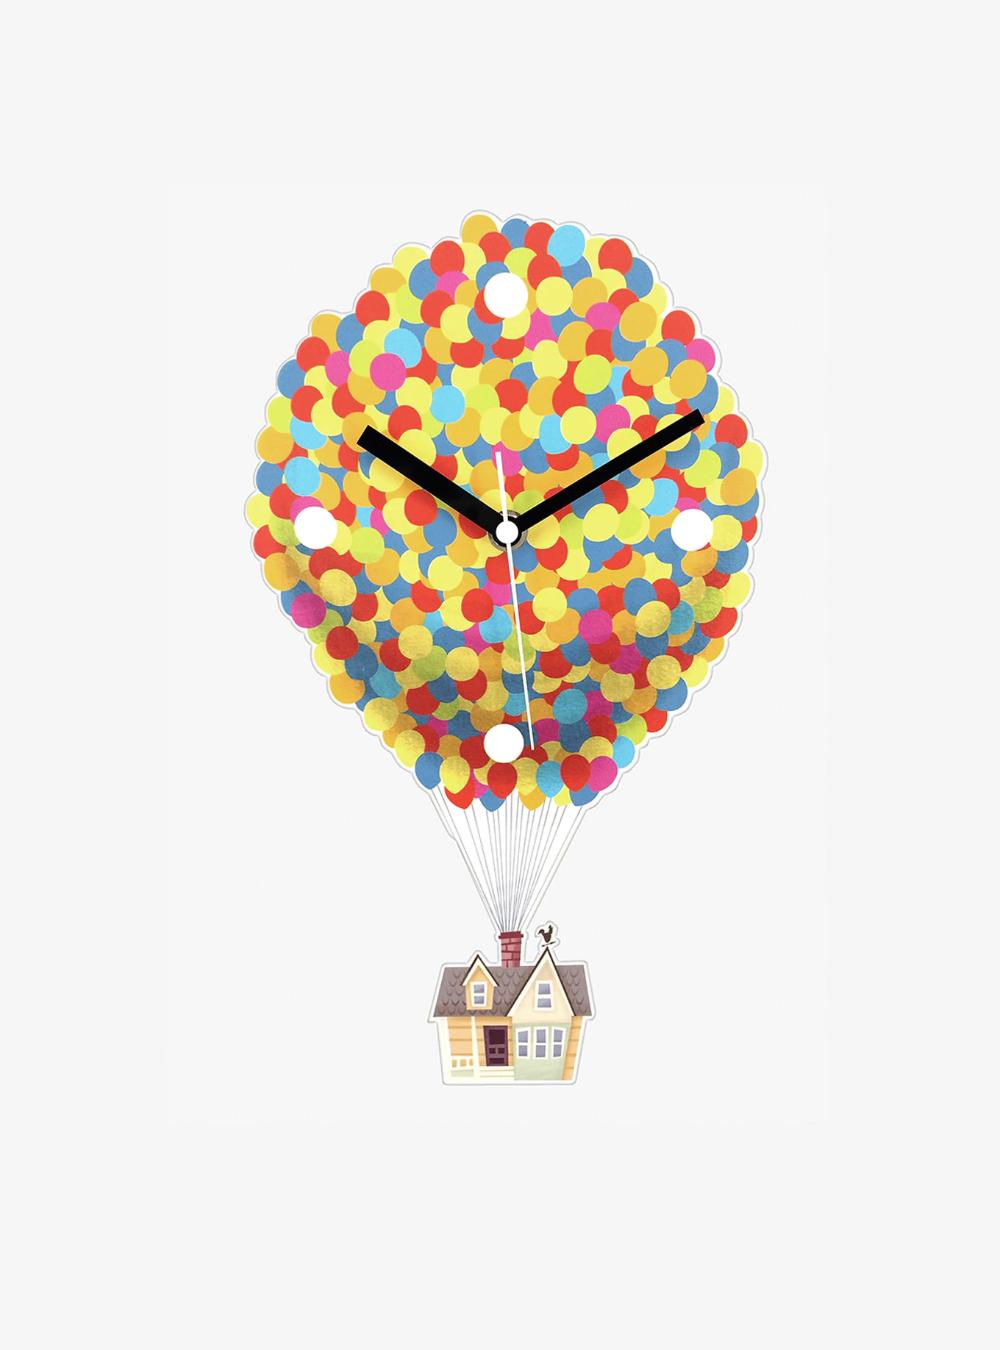 Disney Pixar Up House Wall Clock Wall Clock Clock Disney Pixar Up